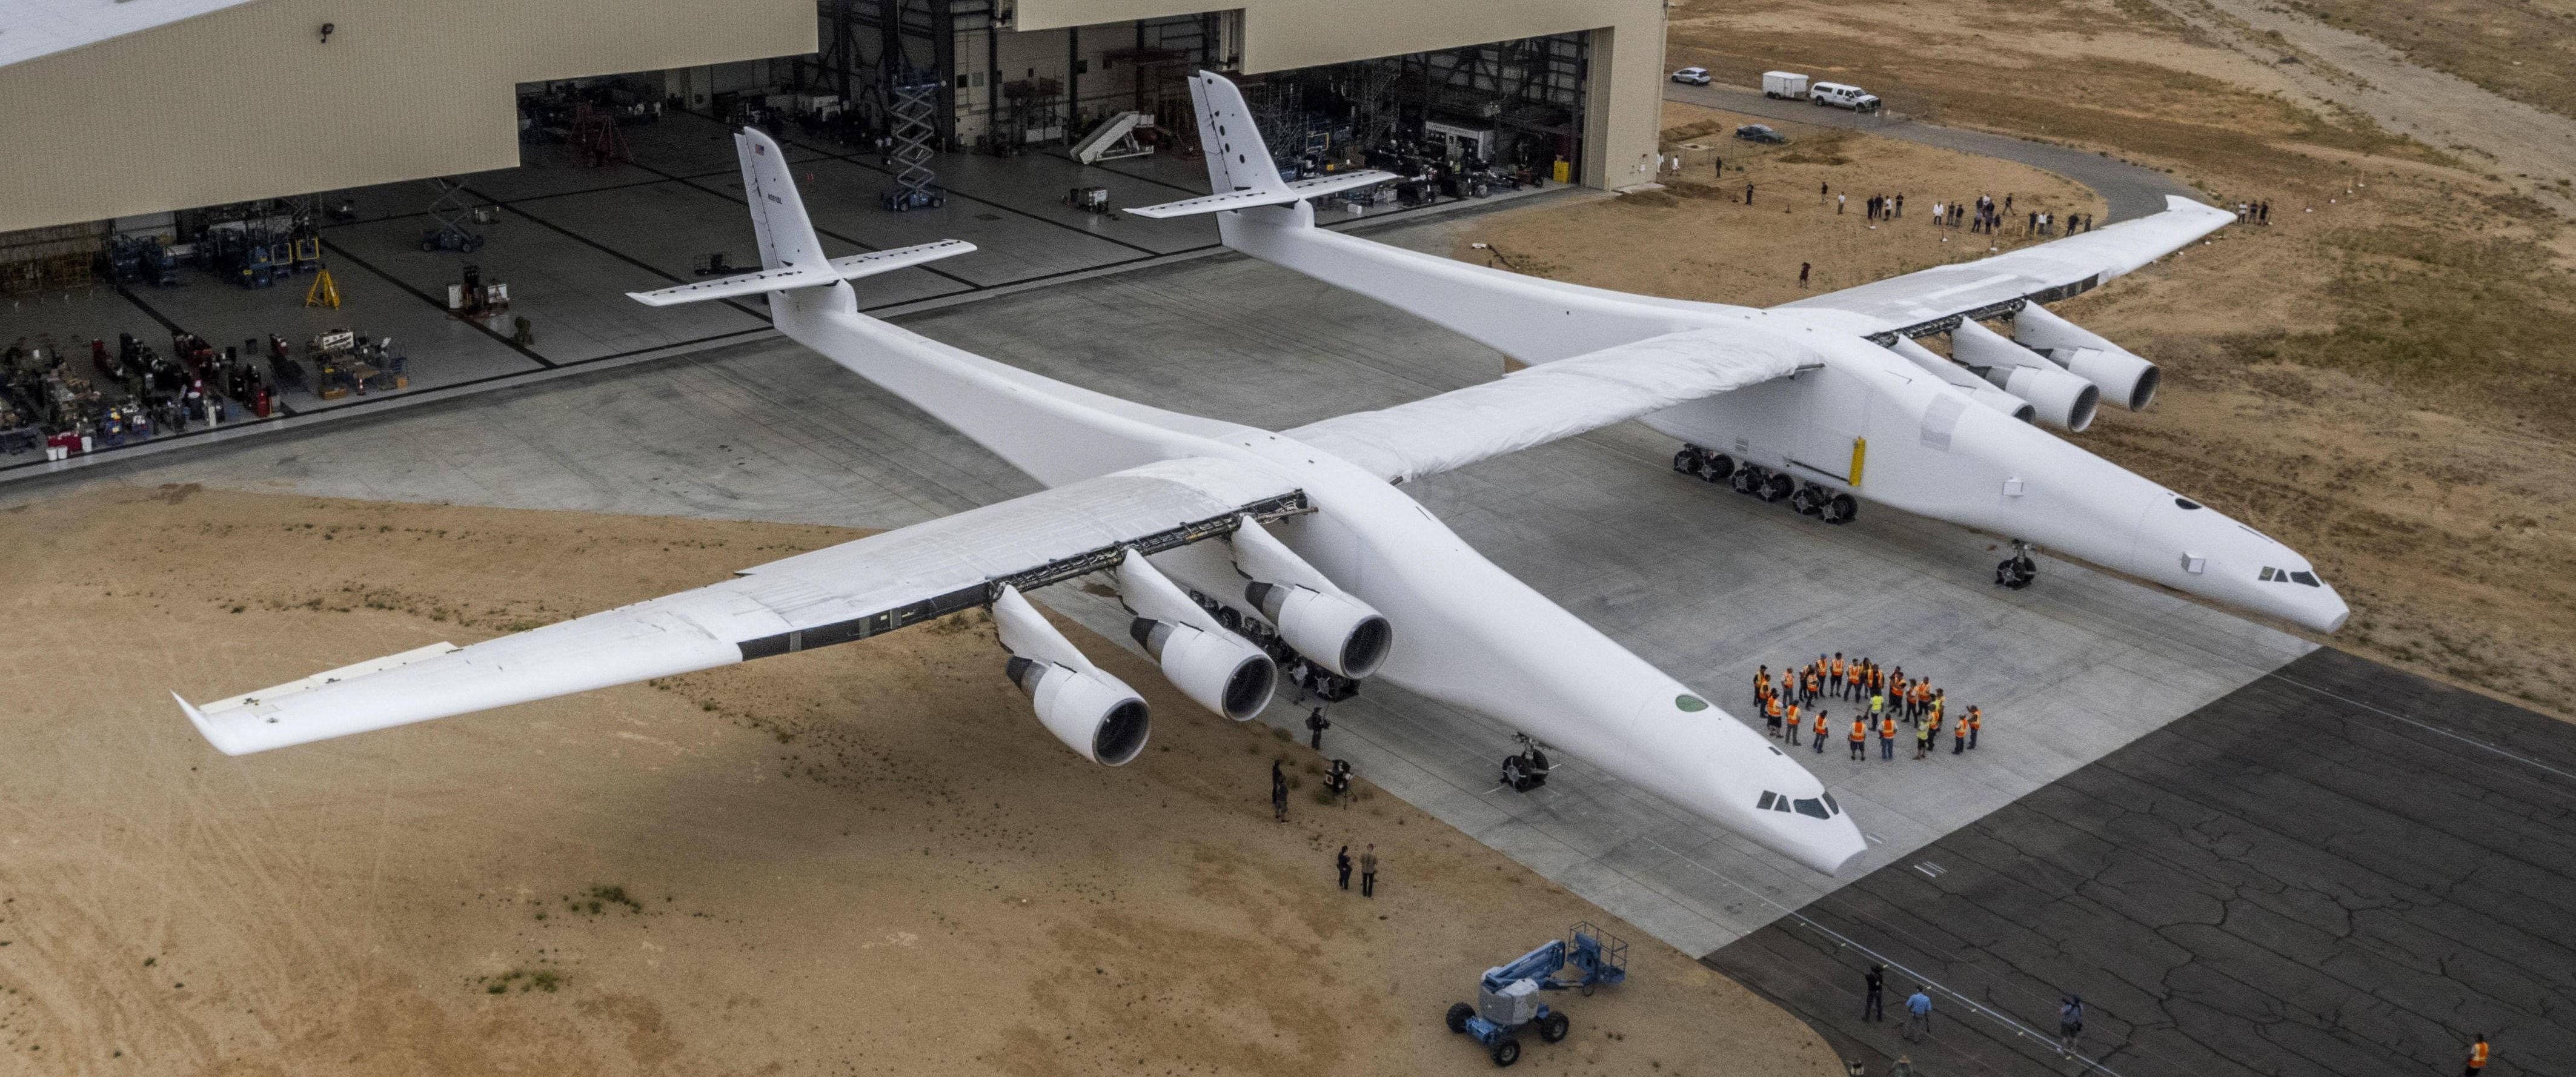 SJELDEN FUGL: Verdens største og mest spesielle fly har nylig kommet ut av redet.